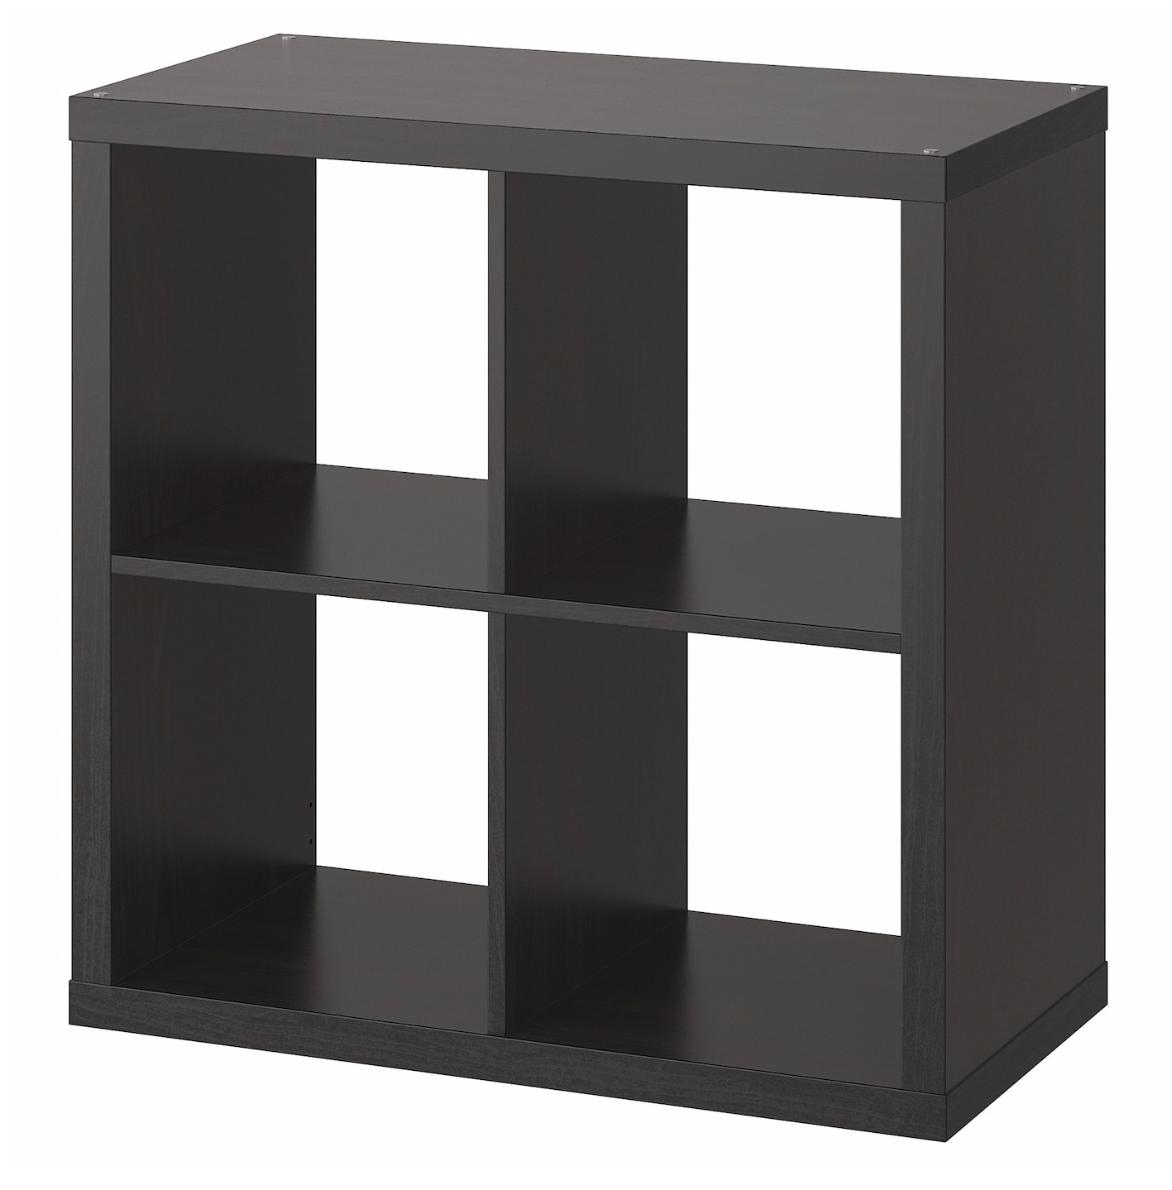 Full Size of Ikea Kallaregal Kommode Mit 4 Fchern Fr Boxen Sideboard Wei Küche Kaufen Kosten Betten Bei 160x200 Miniküche Anrichte Modulküche Sofa Schlaffunktion Wohnzimmer Anrichte Ikea